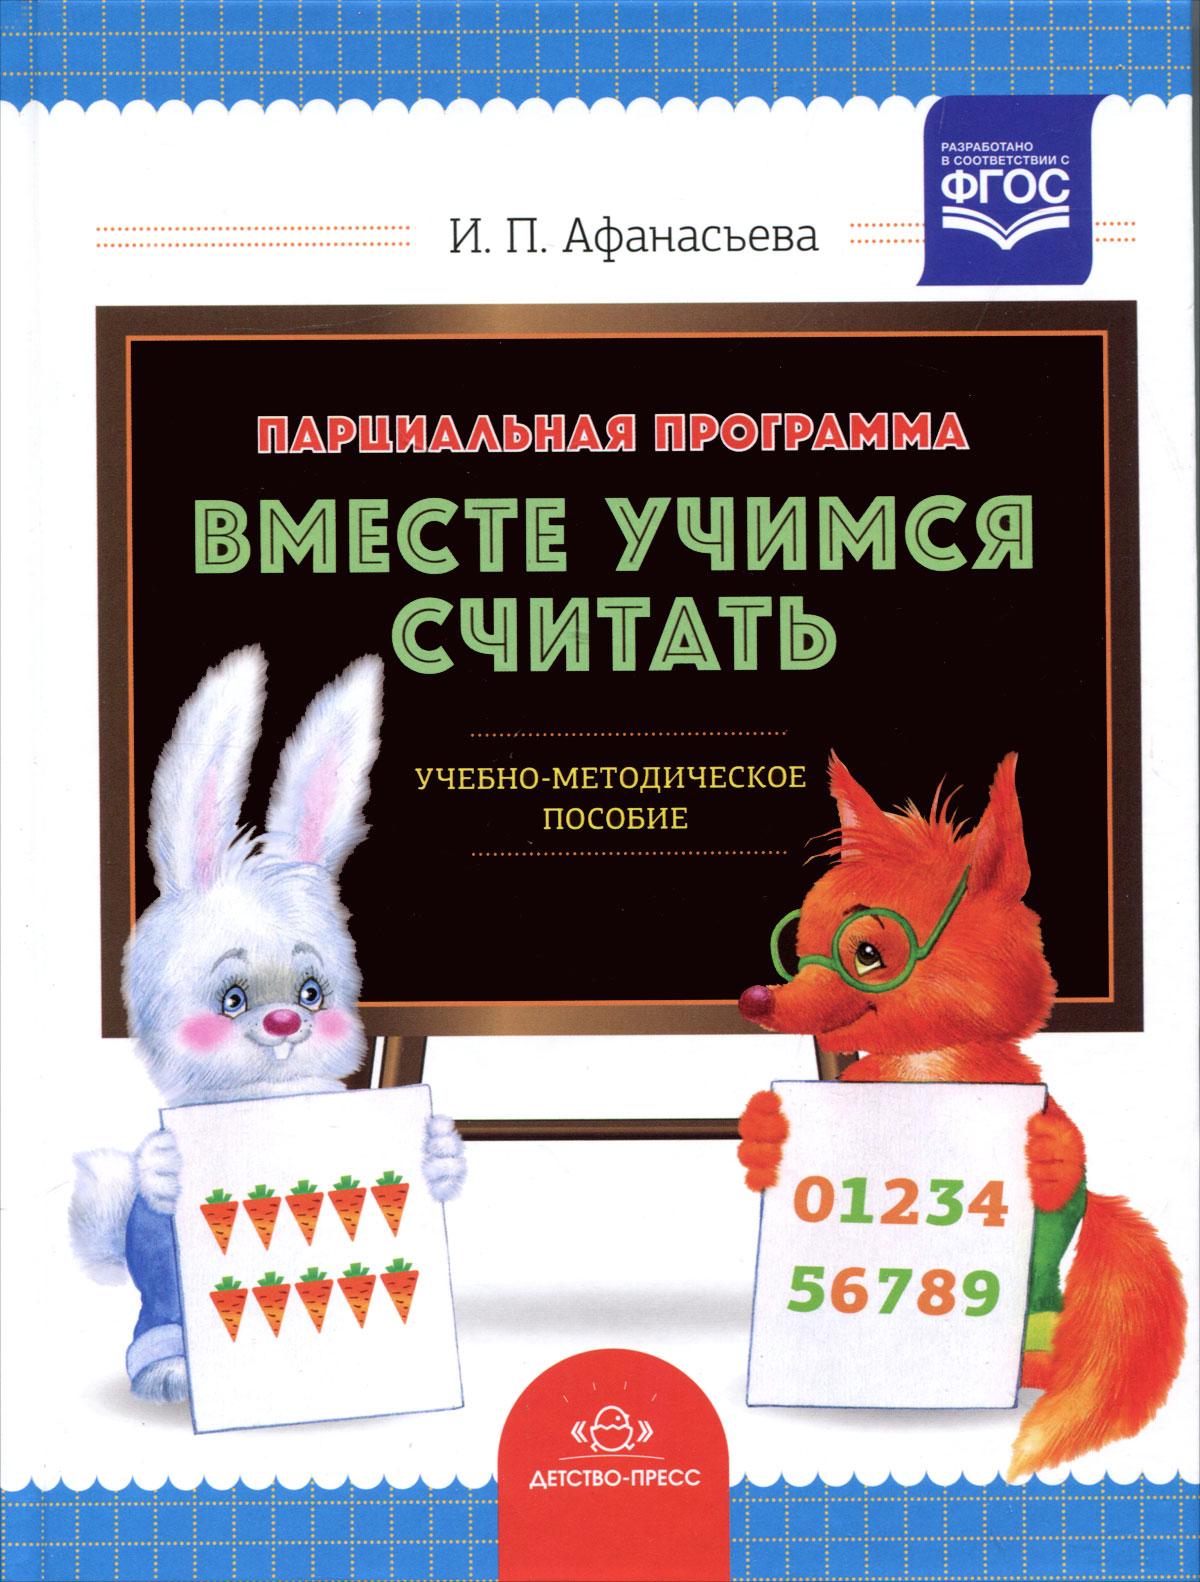 И. П. Афанасьева. Вместе учимся считать. Парциальная программа. Учебно-методическое пособие